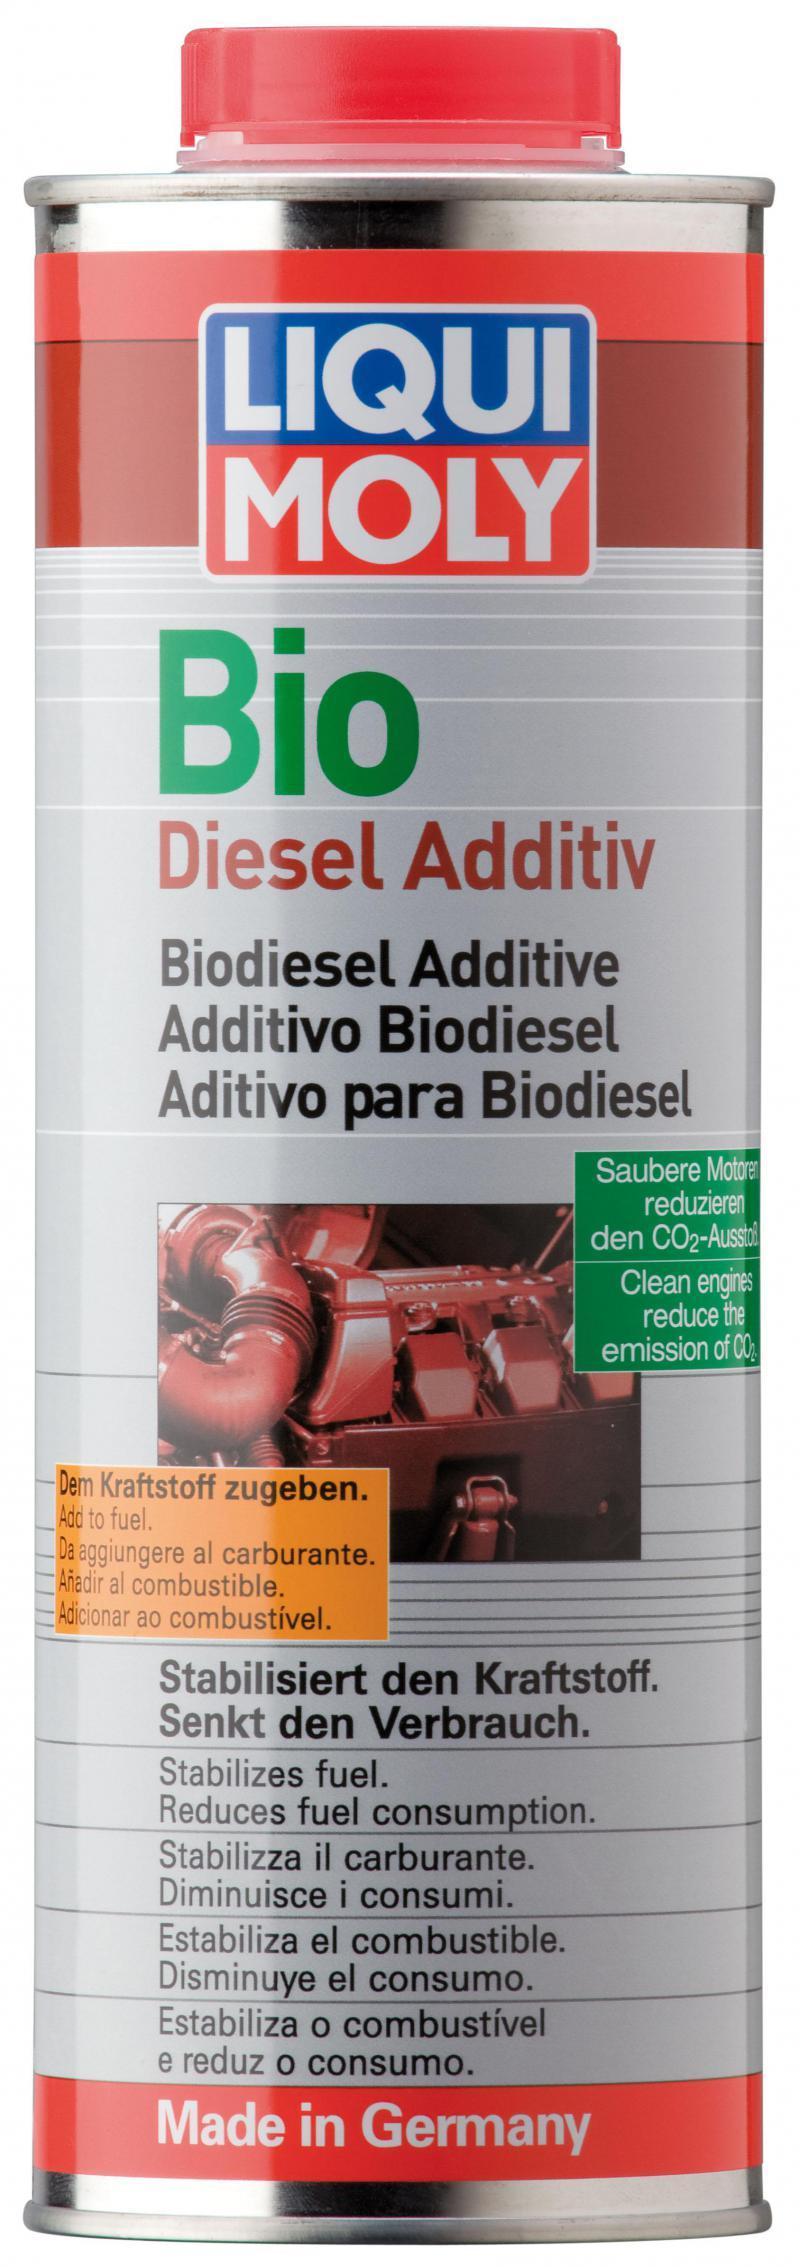 liqui moly bio diesel additiv 1l dose reinigt die einspritzanlage autoteile walter schork gmbh. Black Bedroom Furniture Sets. Home Design Ideas